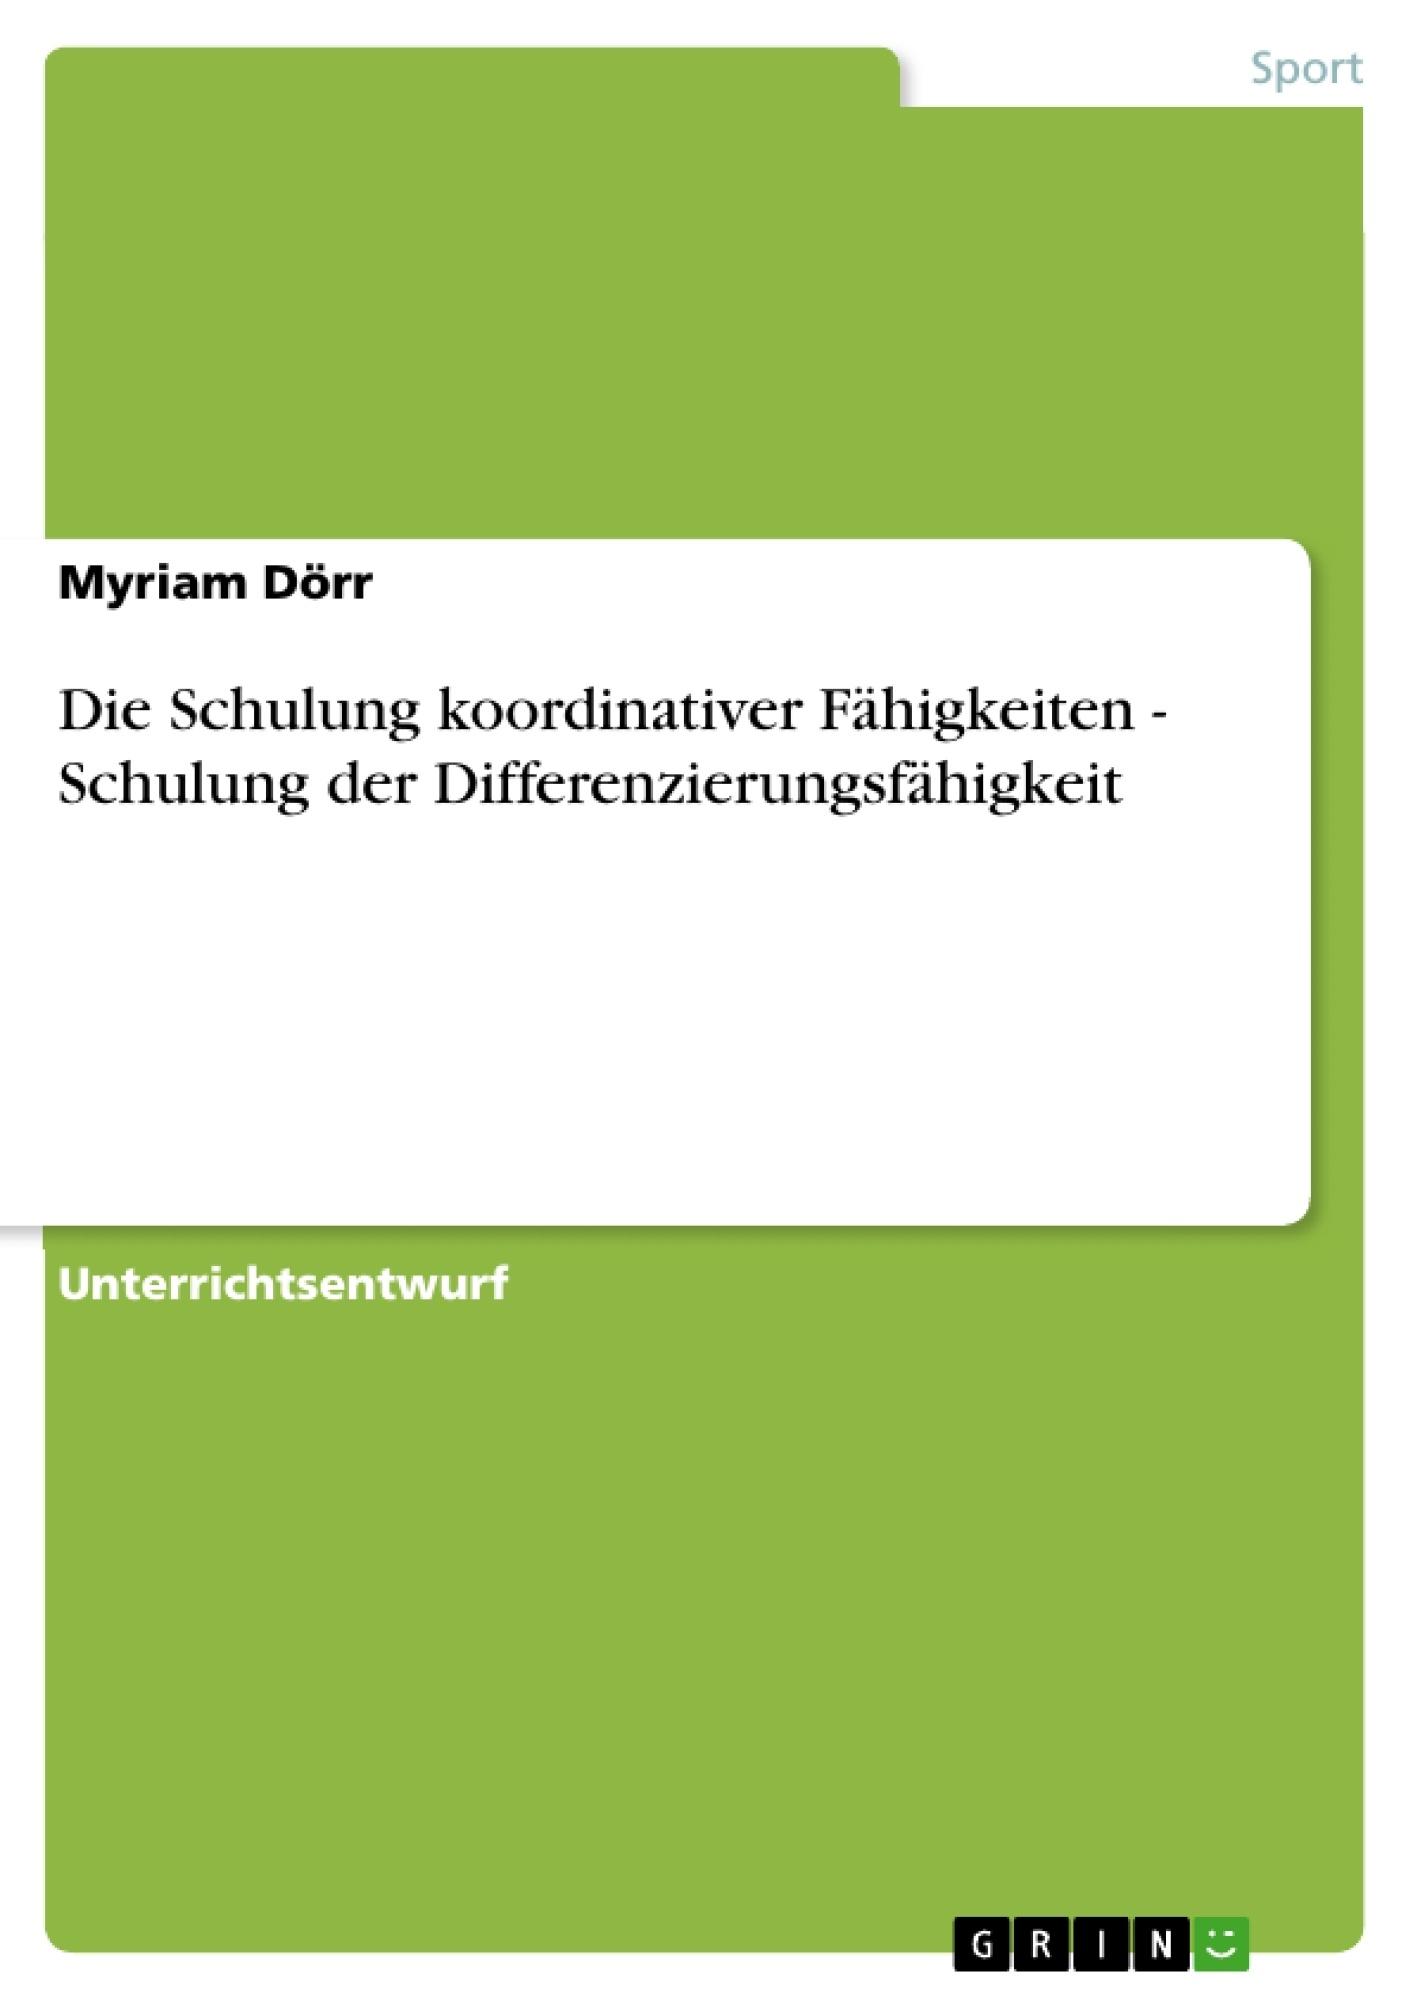 Titel: Die Schulung koordinativer Fähigkeiten - Schulung der Differenzierungsfähigkeit